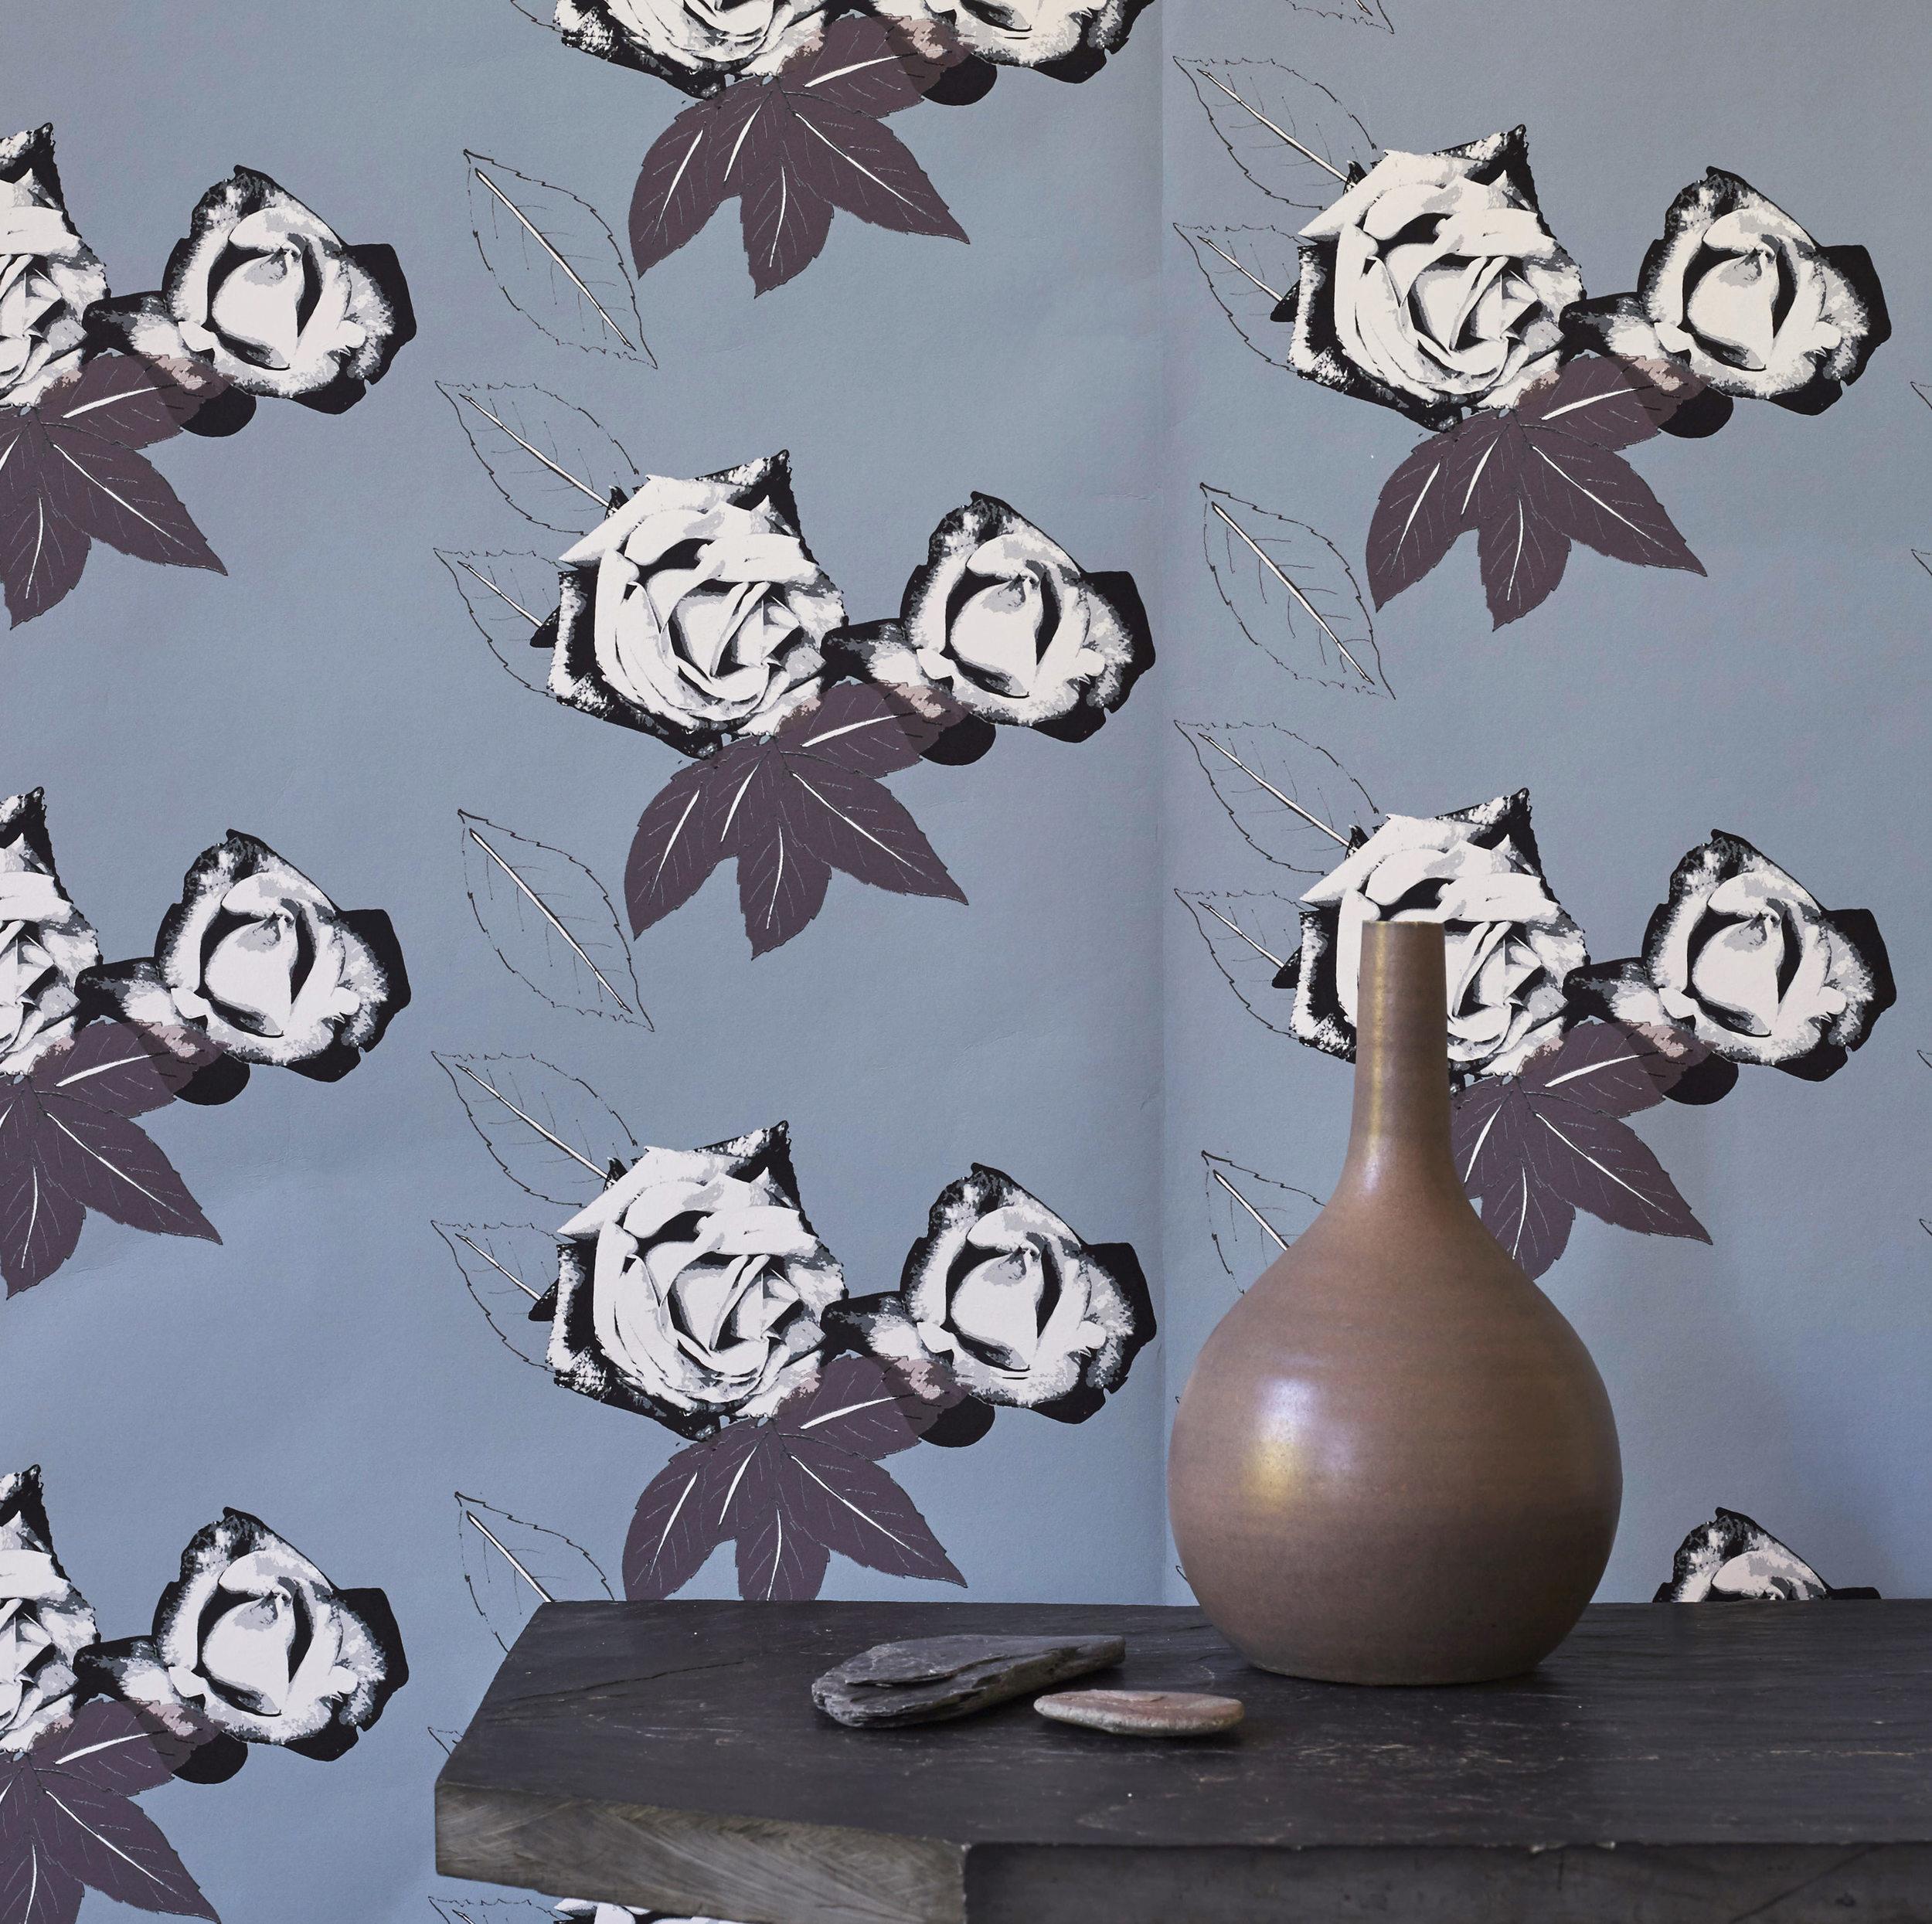 roses wallpaper in grey.jpg